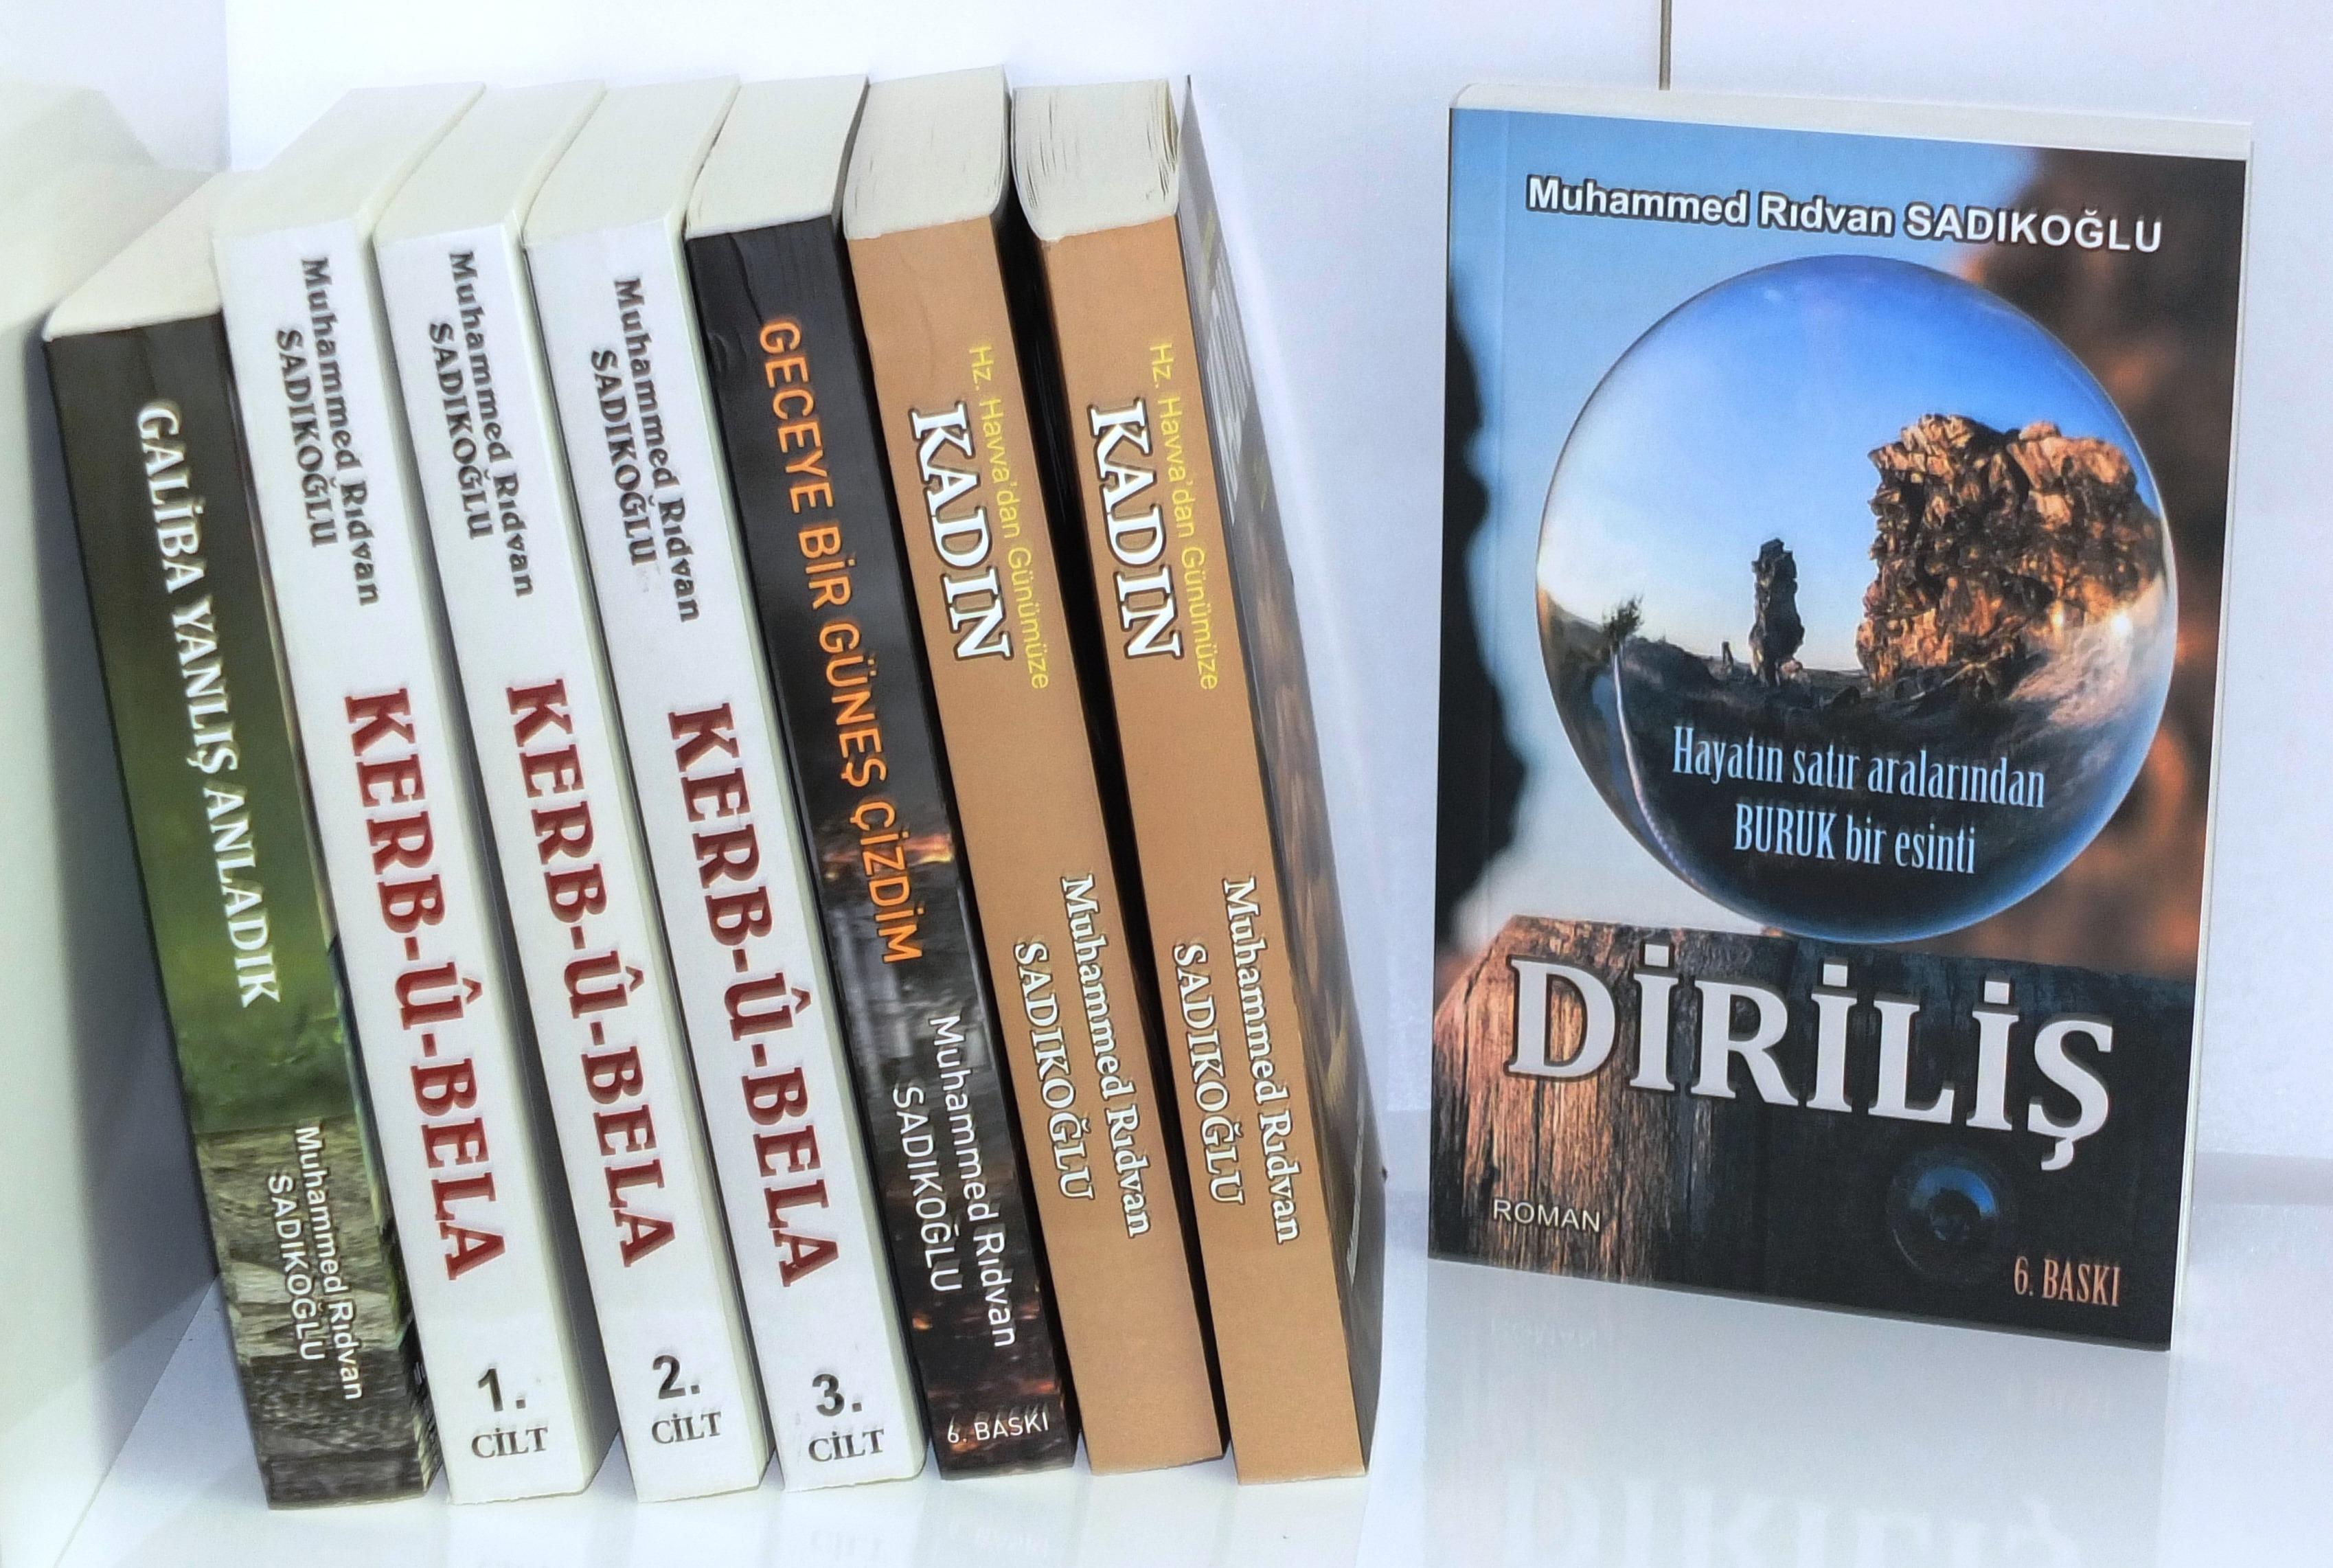 Yazar Sadıkoğlu'ndan Edebiyat Dünyasına 7 Yeni Eser